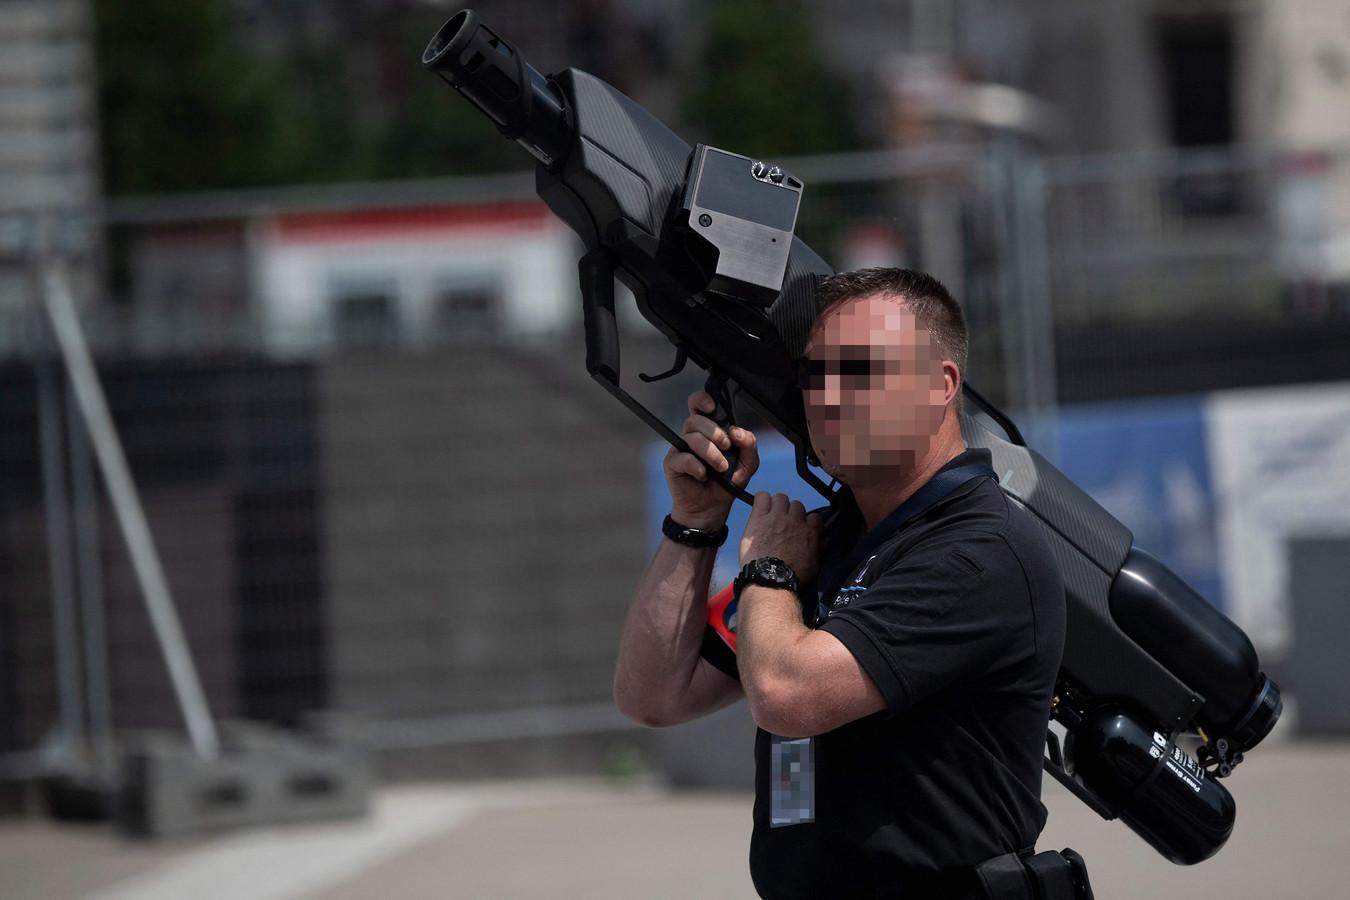 La police a déployé des bazookas anti-drones lors de la venue de Joe Biden à Bruxelles.